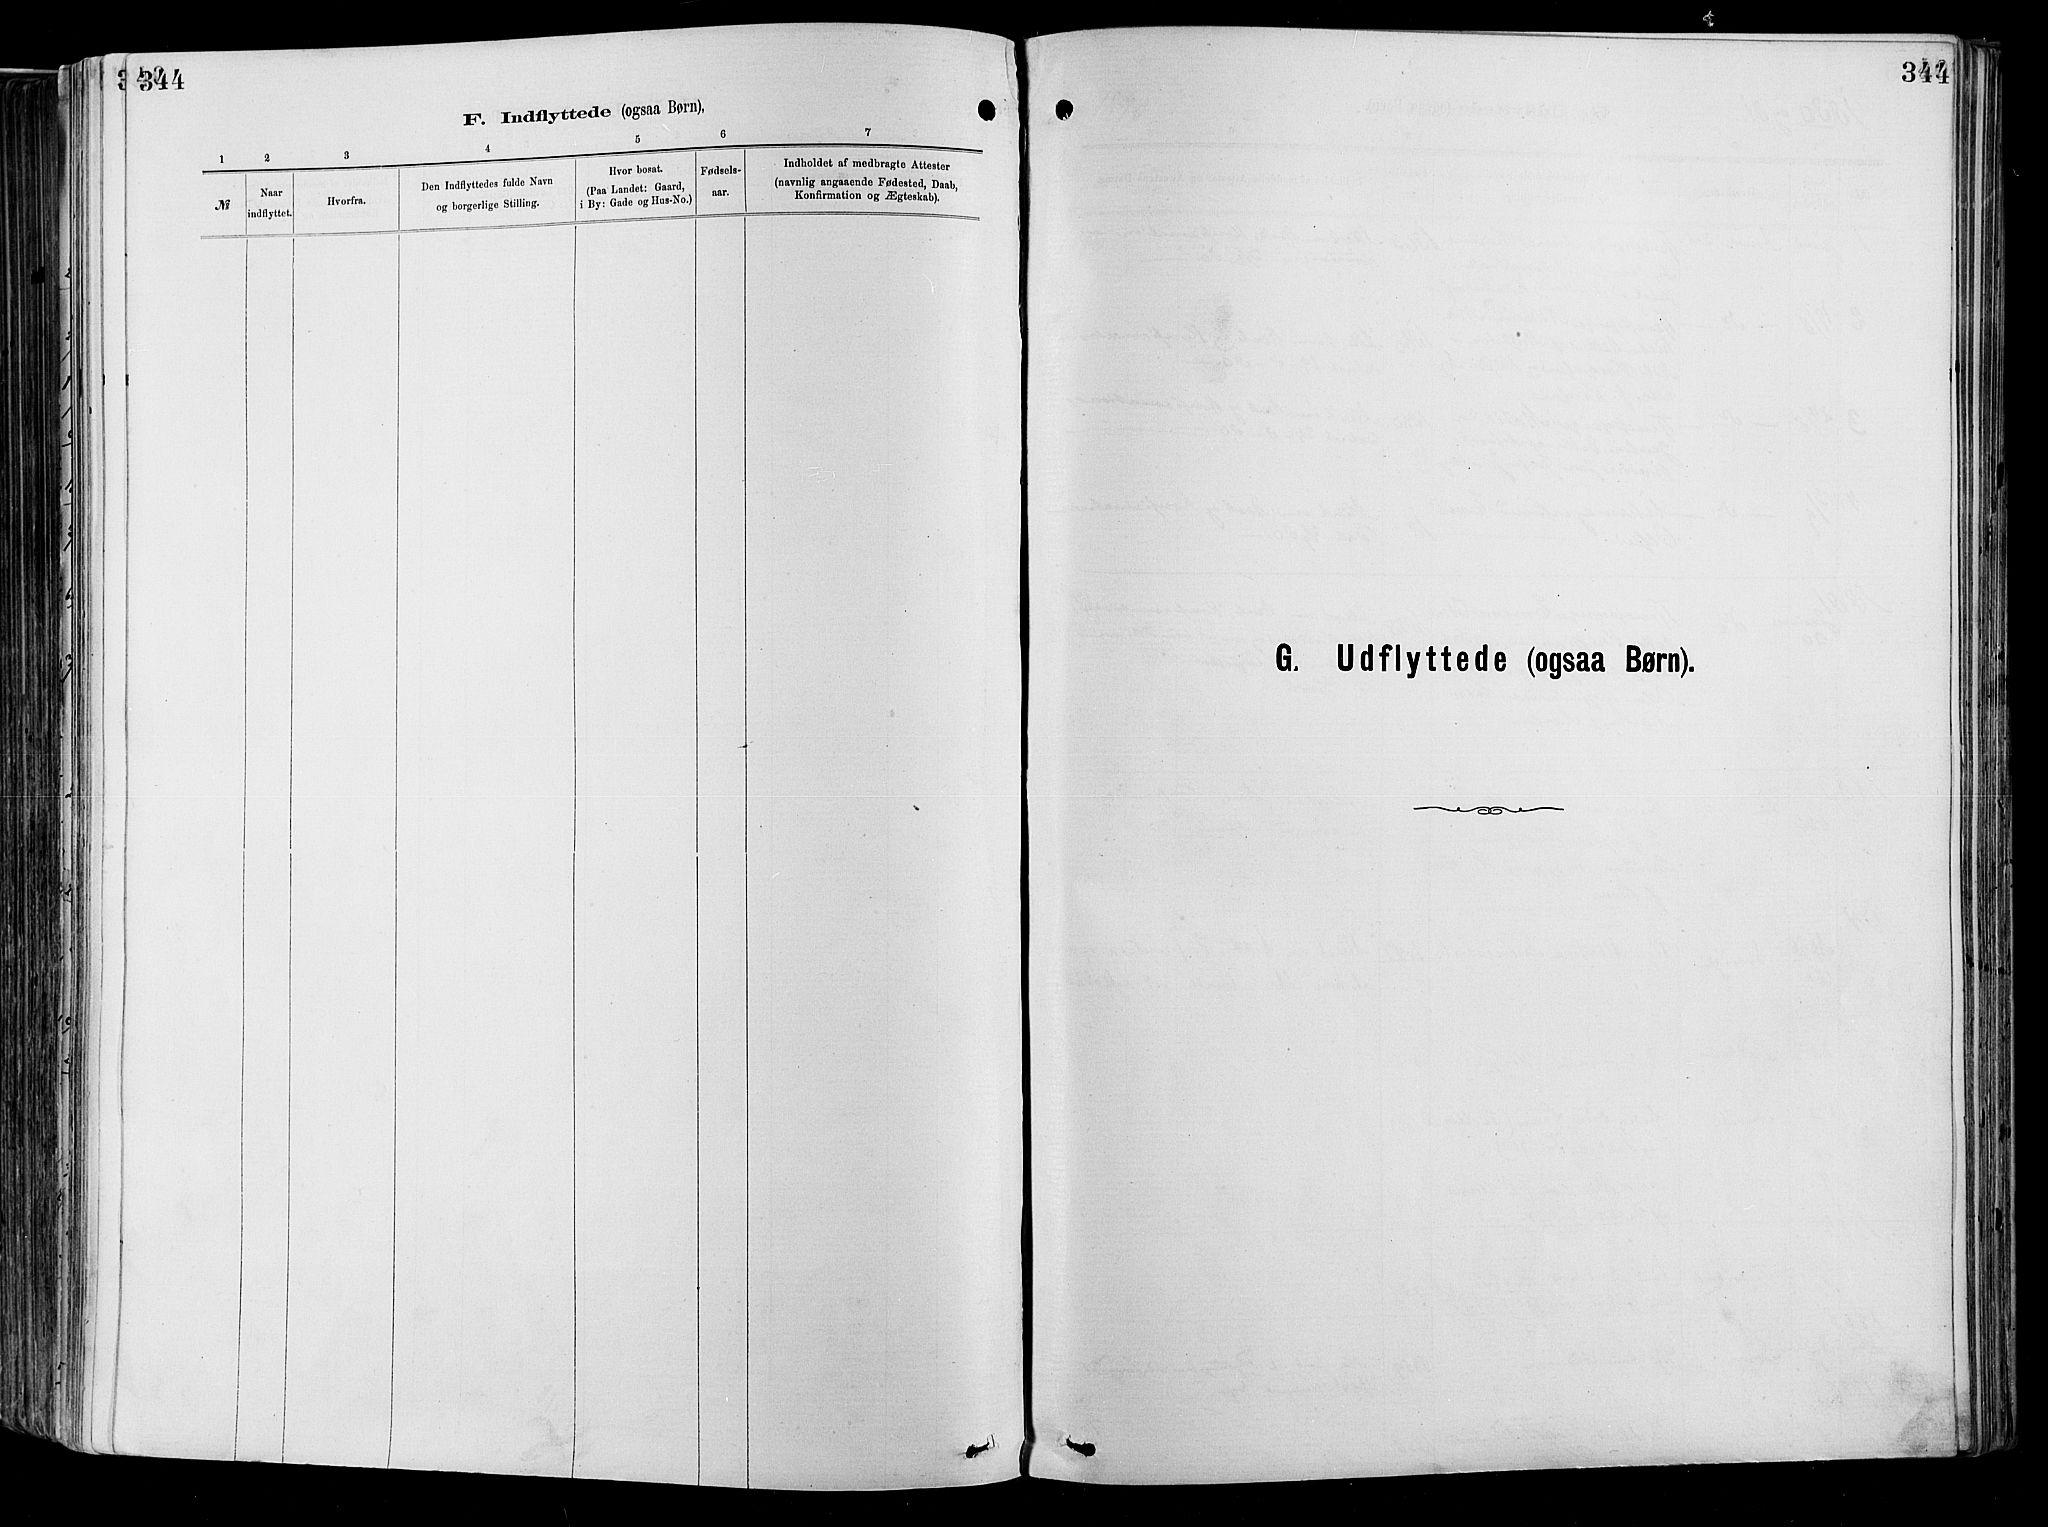 SAO, Garnisonsmenigheten Kirkebøker, F/Fa/L0012: Ministerialbok nr. 12, 1880-1893, s. 344